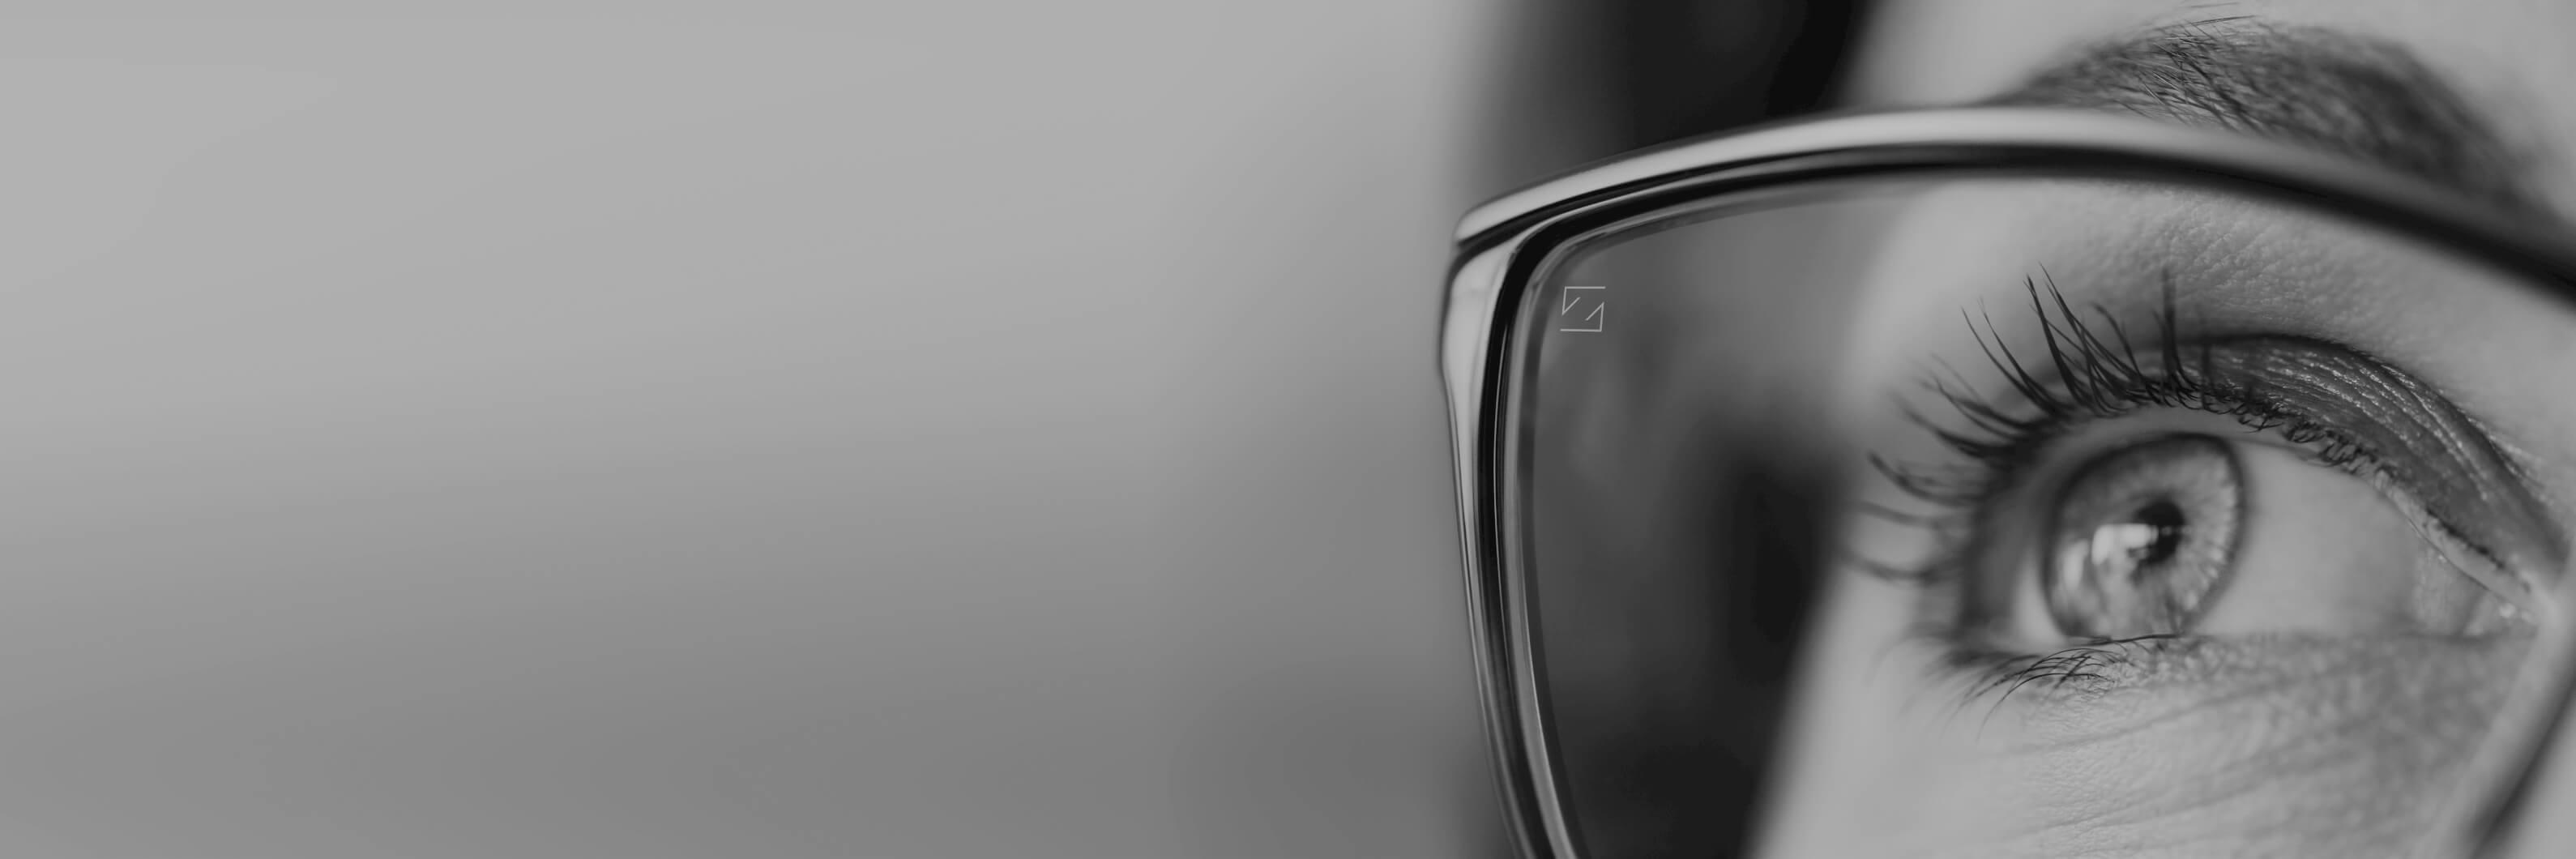 ZEISS Vision Care - Lentes de óculos e ferramentas de diagnóstico